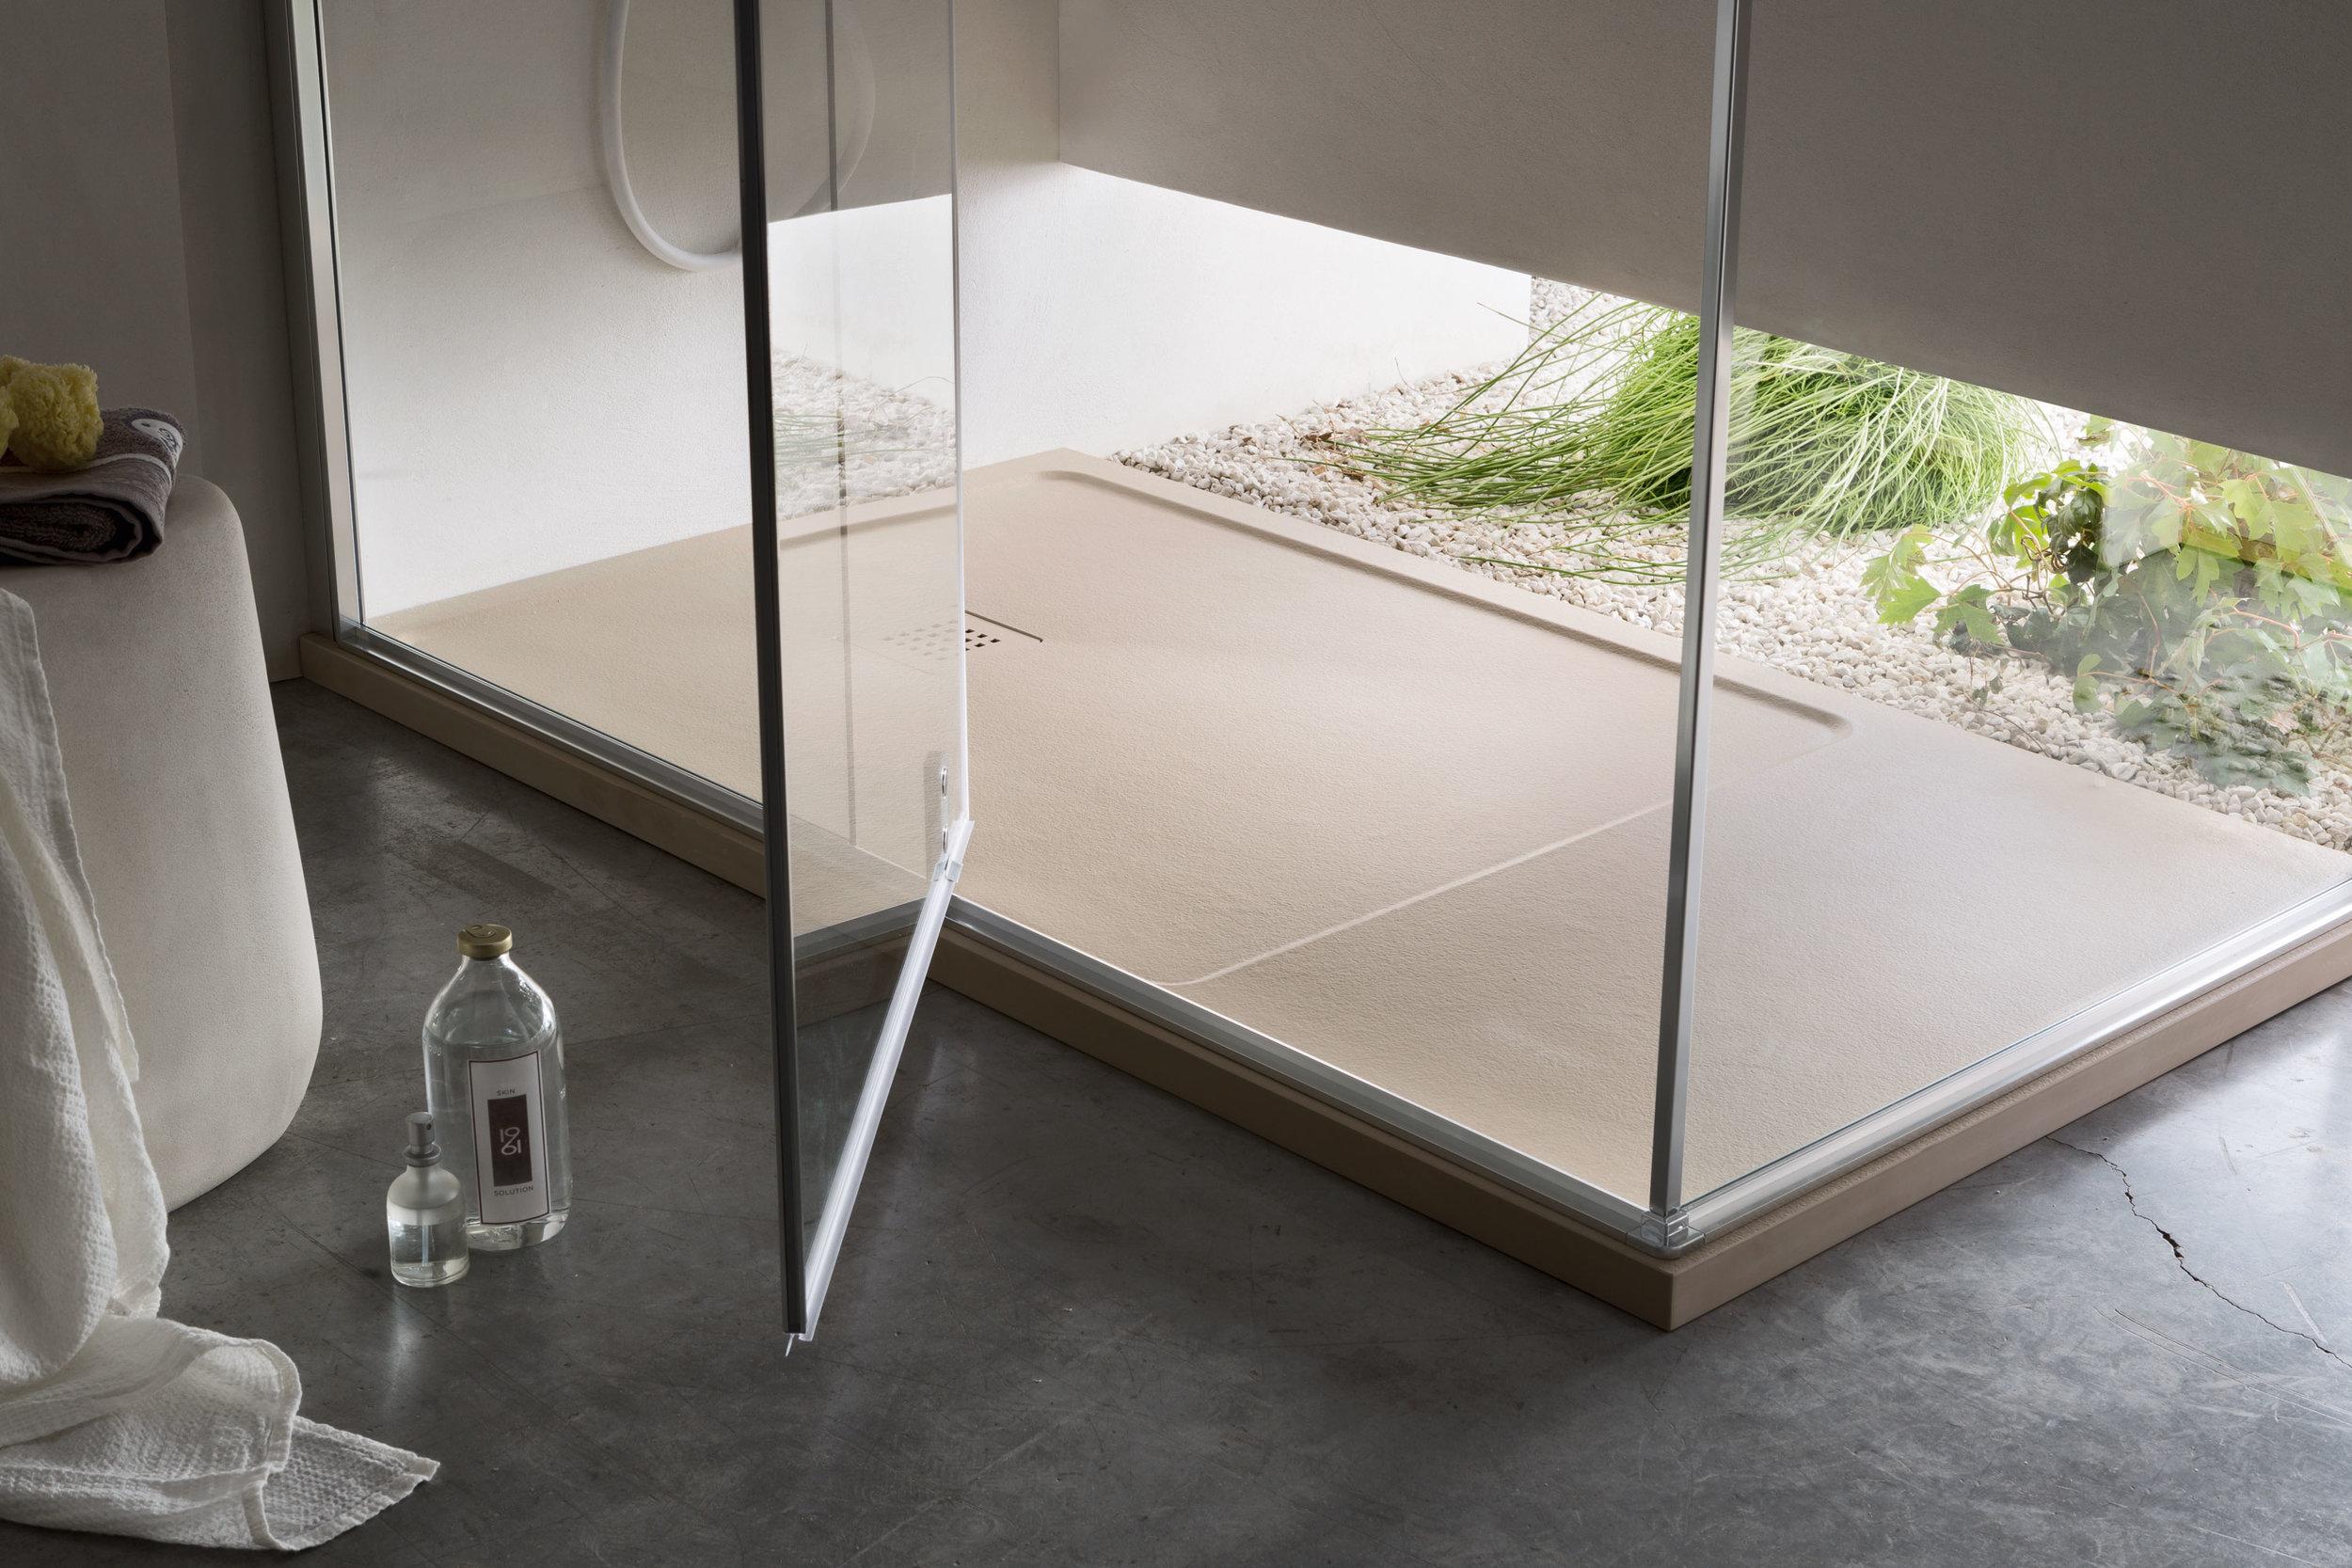 DUNA/SETA* - Finiture lisce o effetto pietra, con catino o senza, abbinabili ai piani top dell'arredo bagno e ai pannelli di rivestimento, per rispondere a tutte le esigenze.